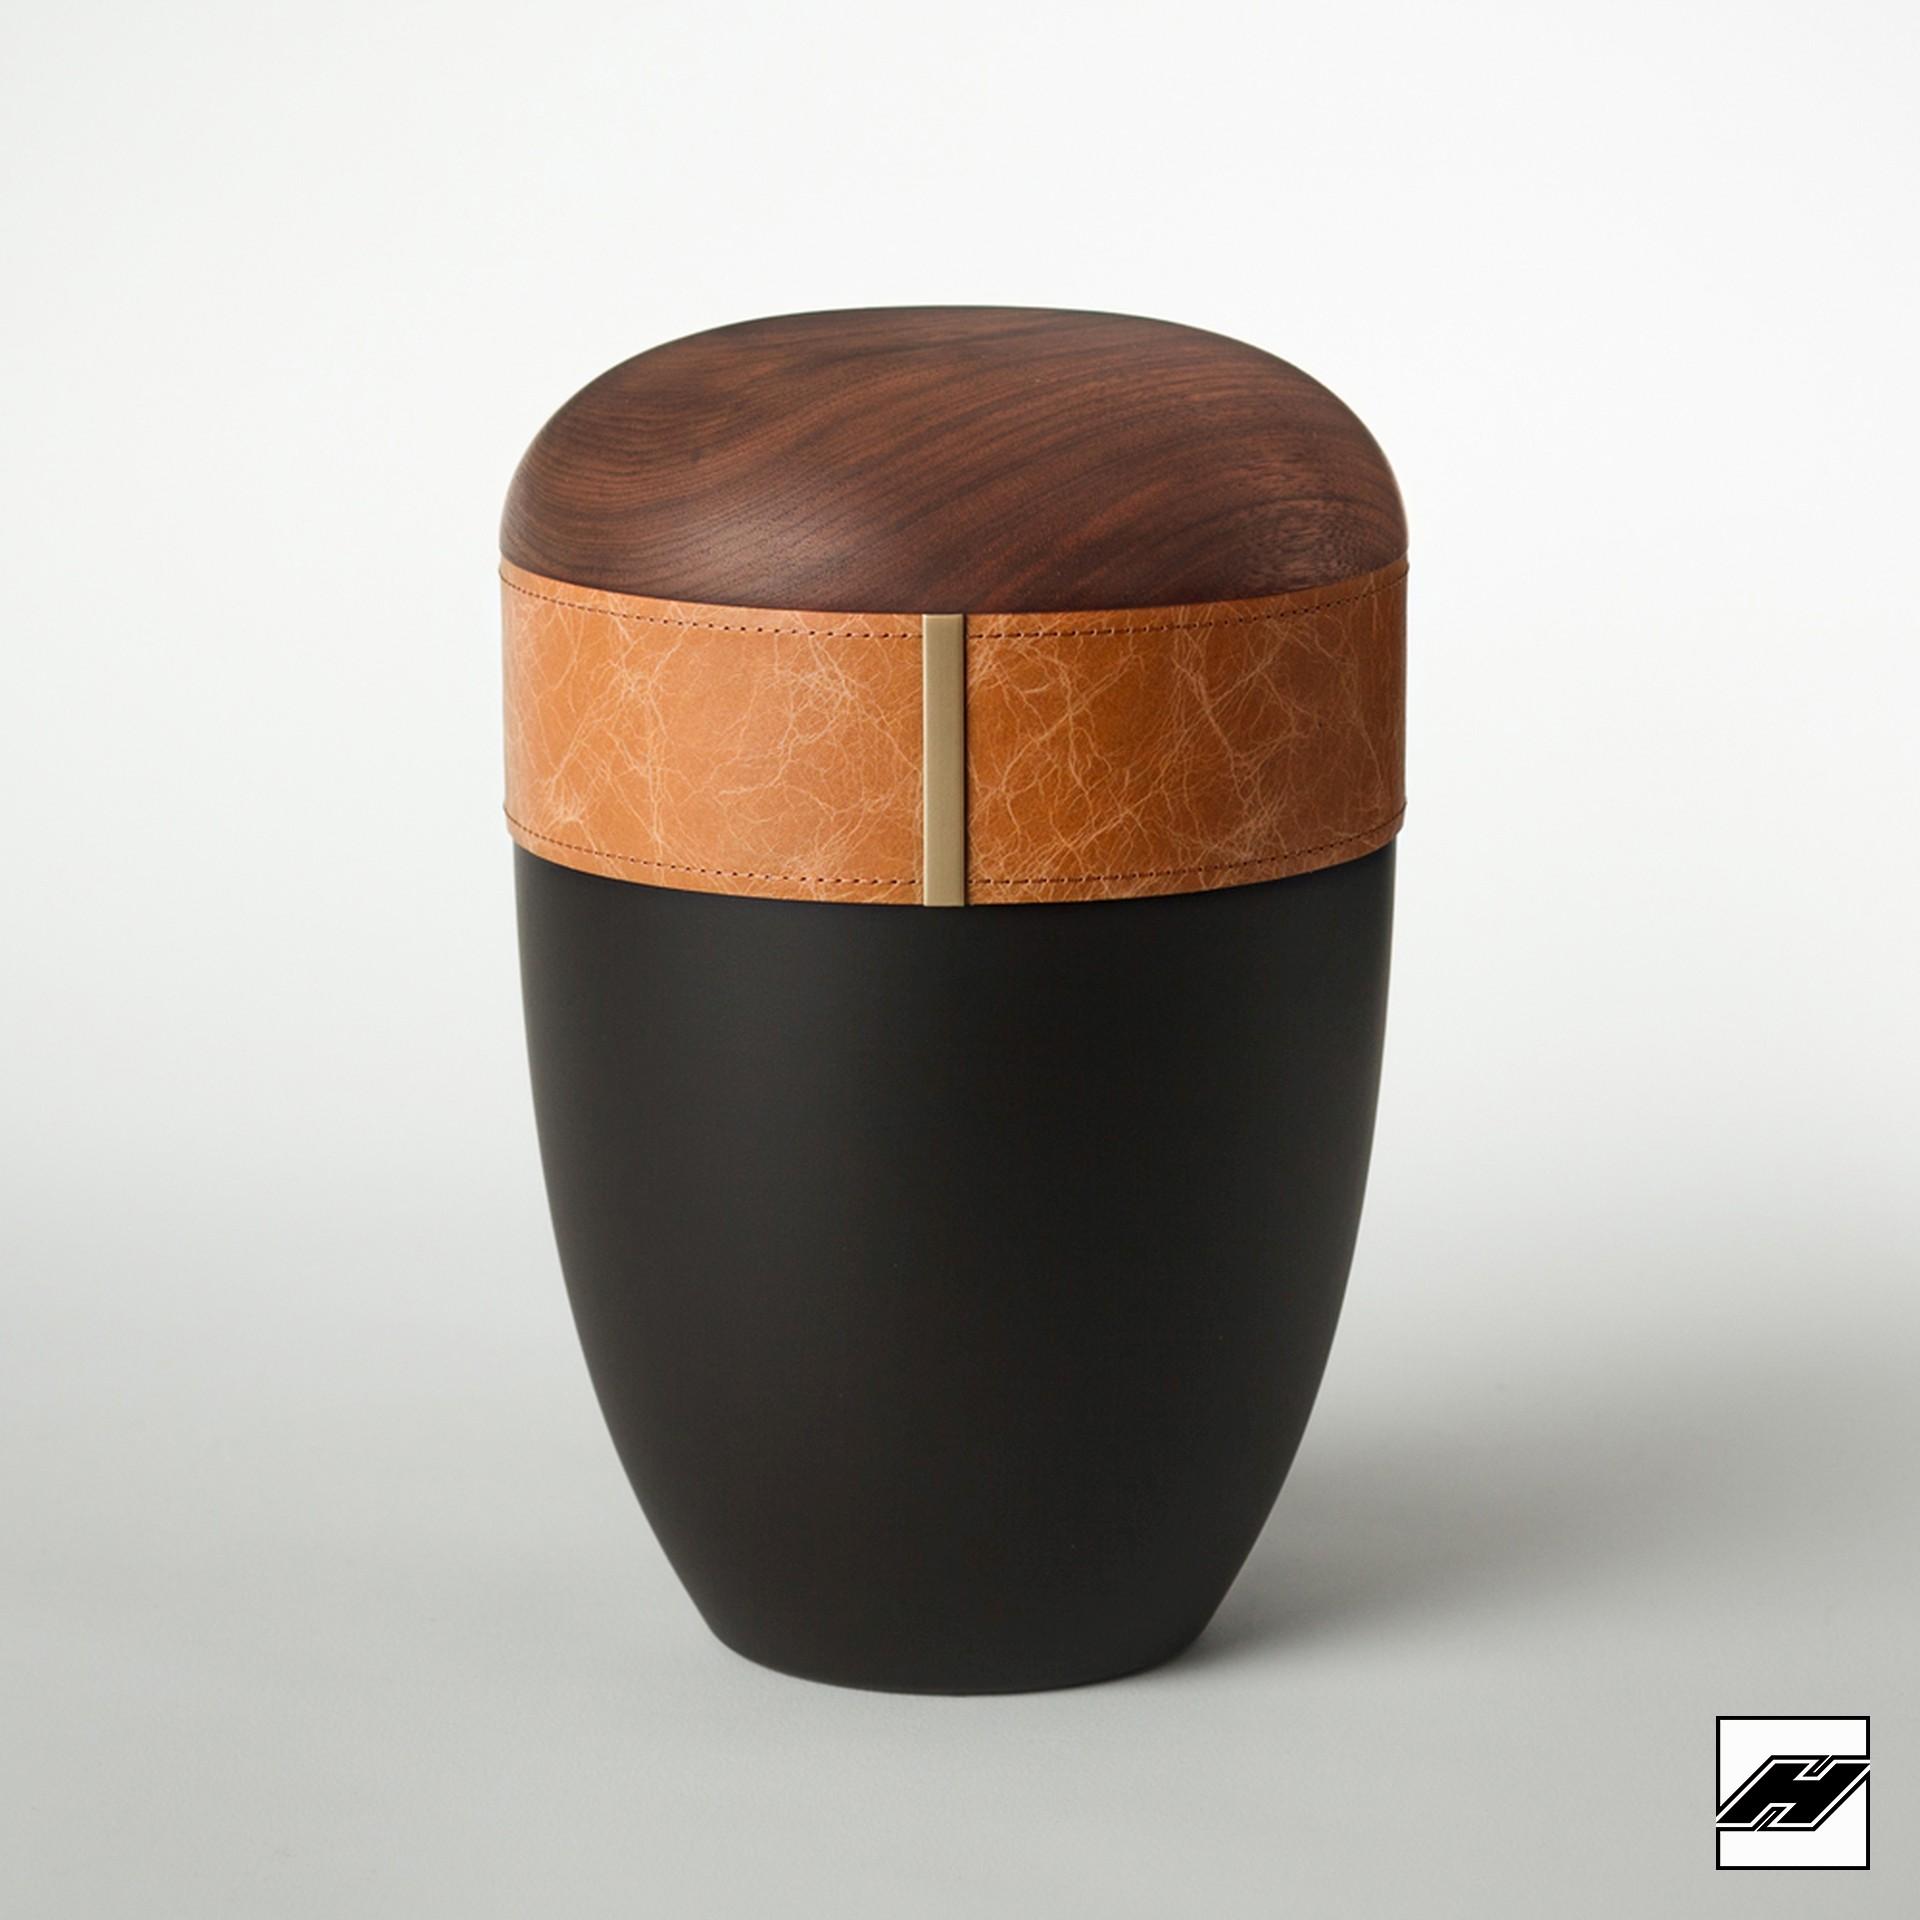 Urne Holz/Leder Caramel anthrazit, mit Glattleder